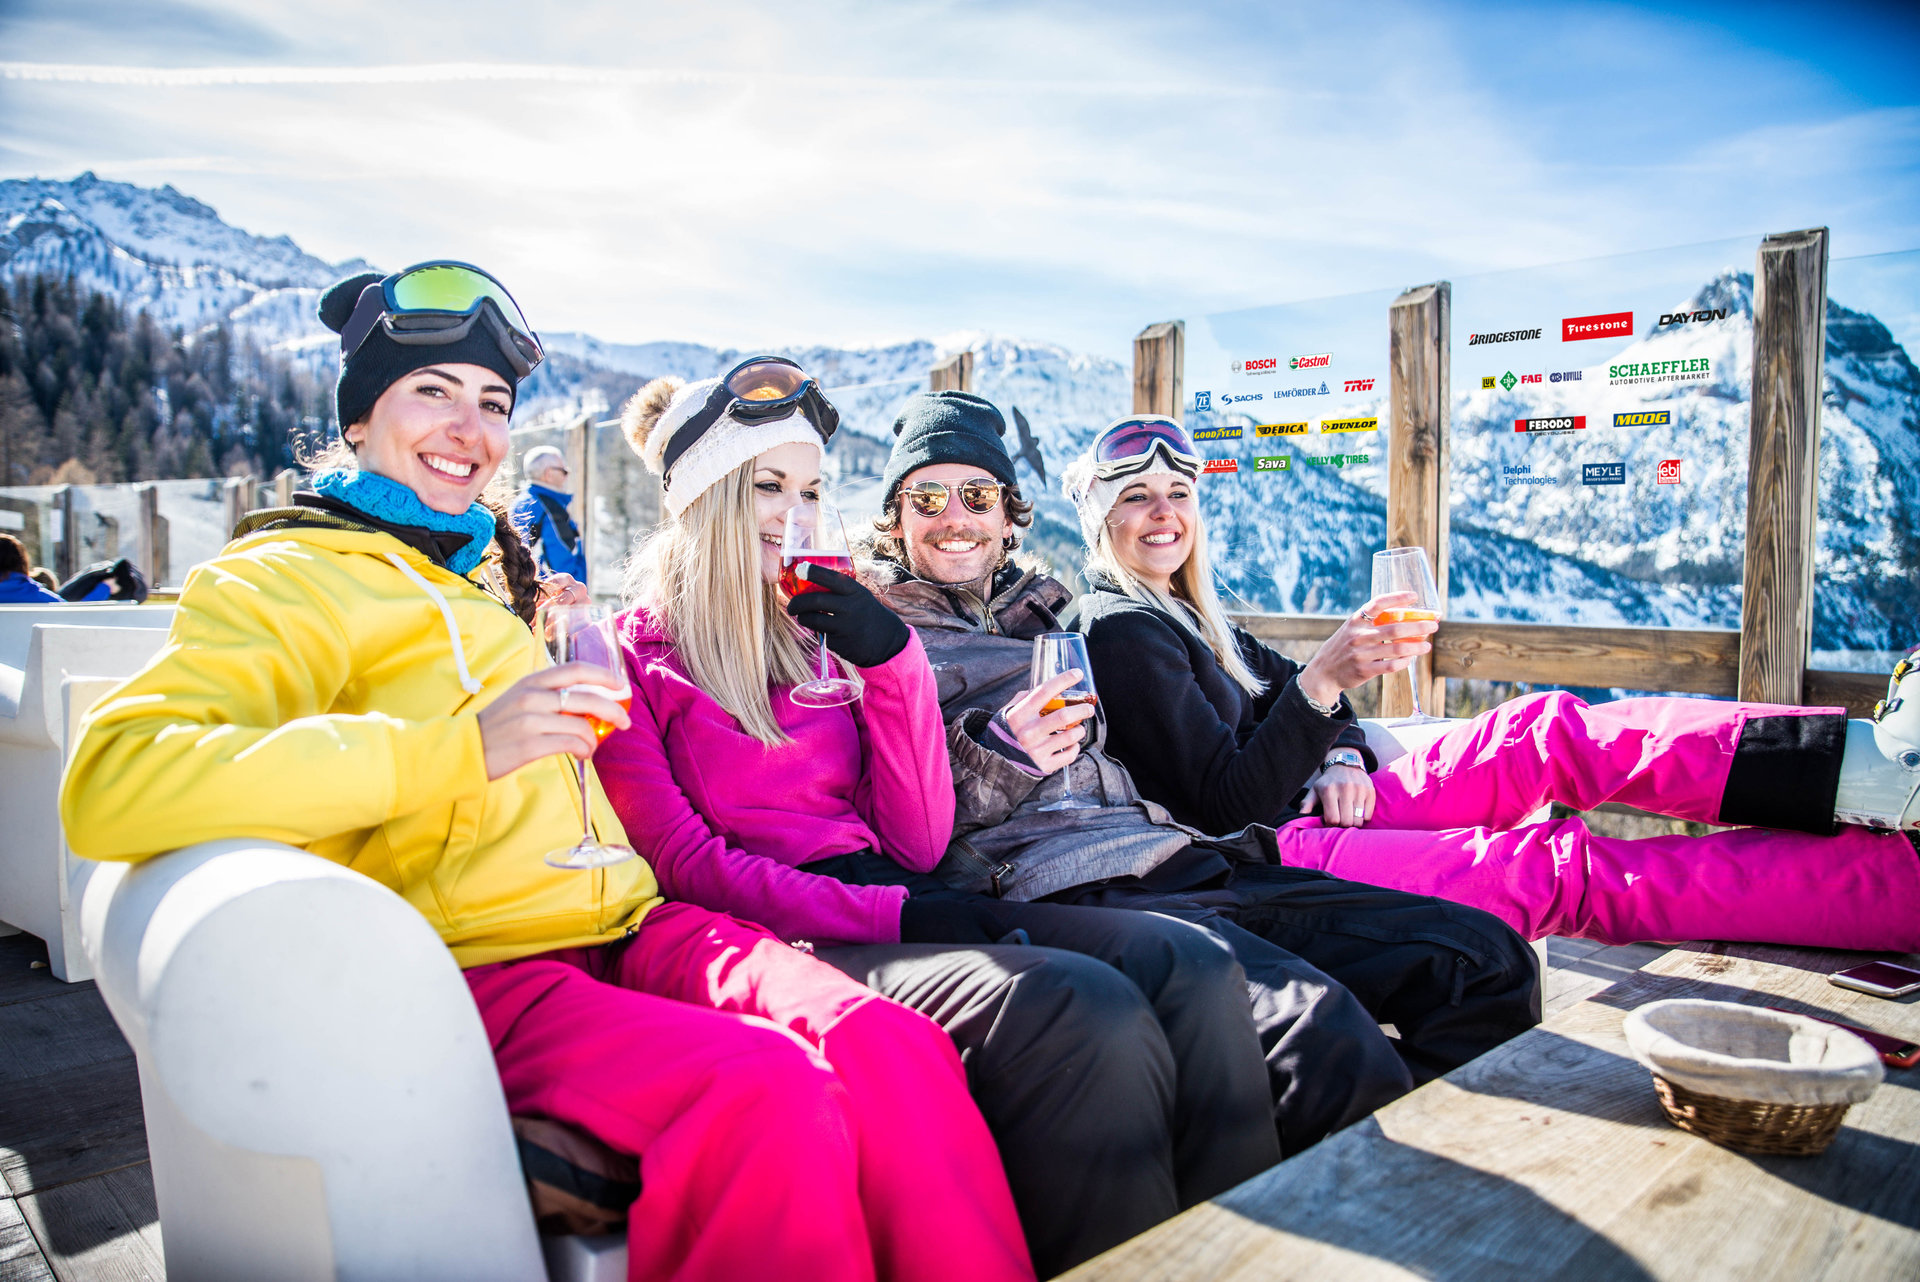 Nowe marki dołączają do Snow & Music Days 2018